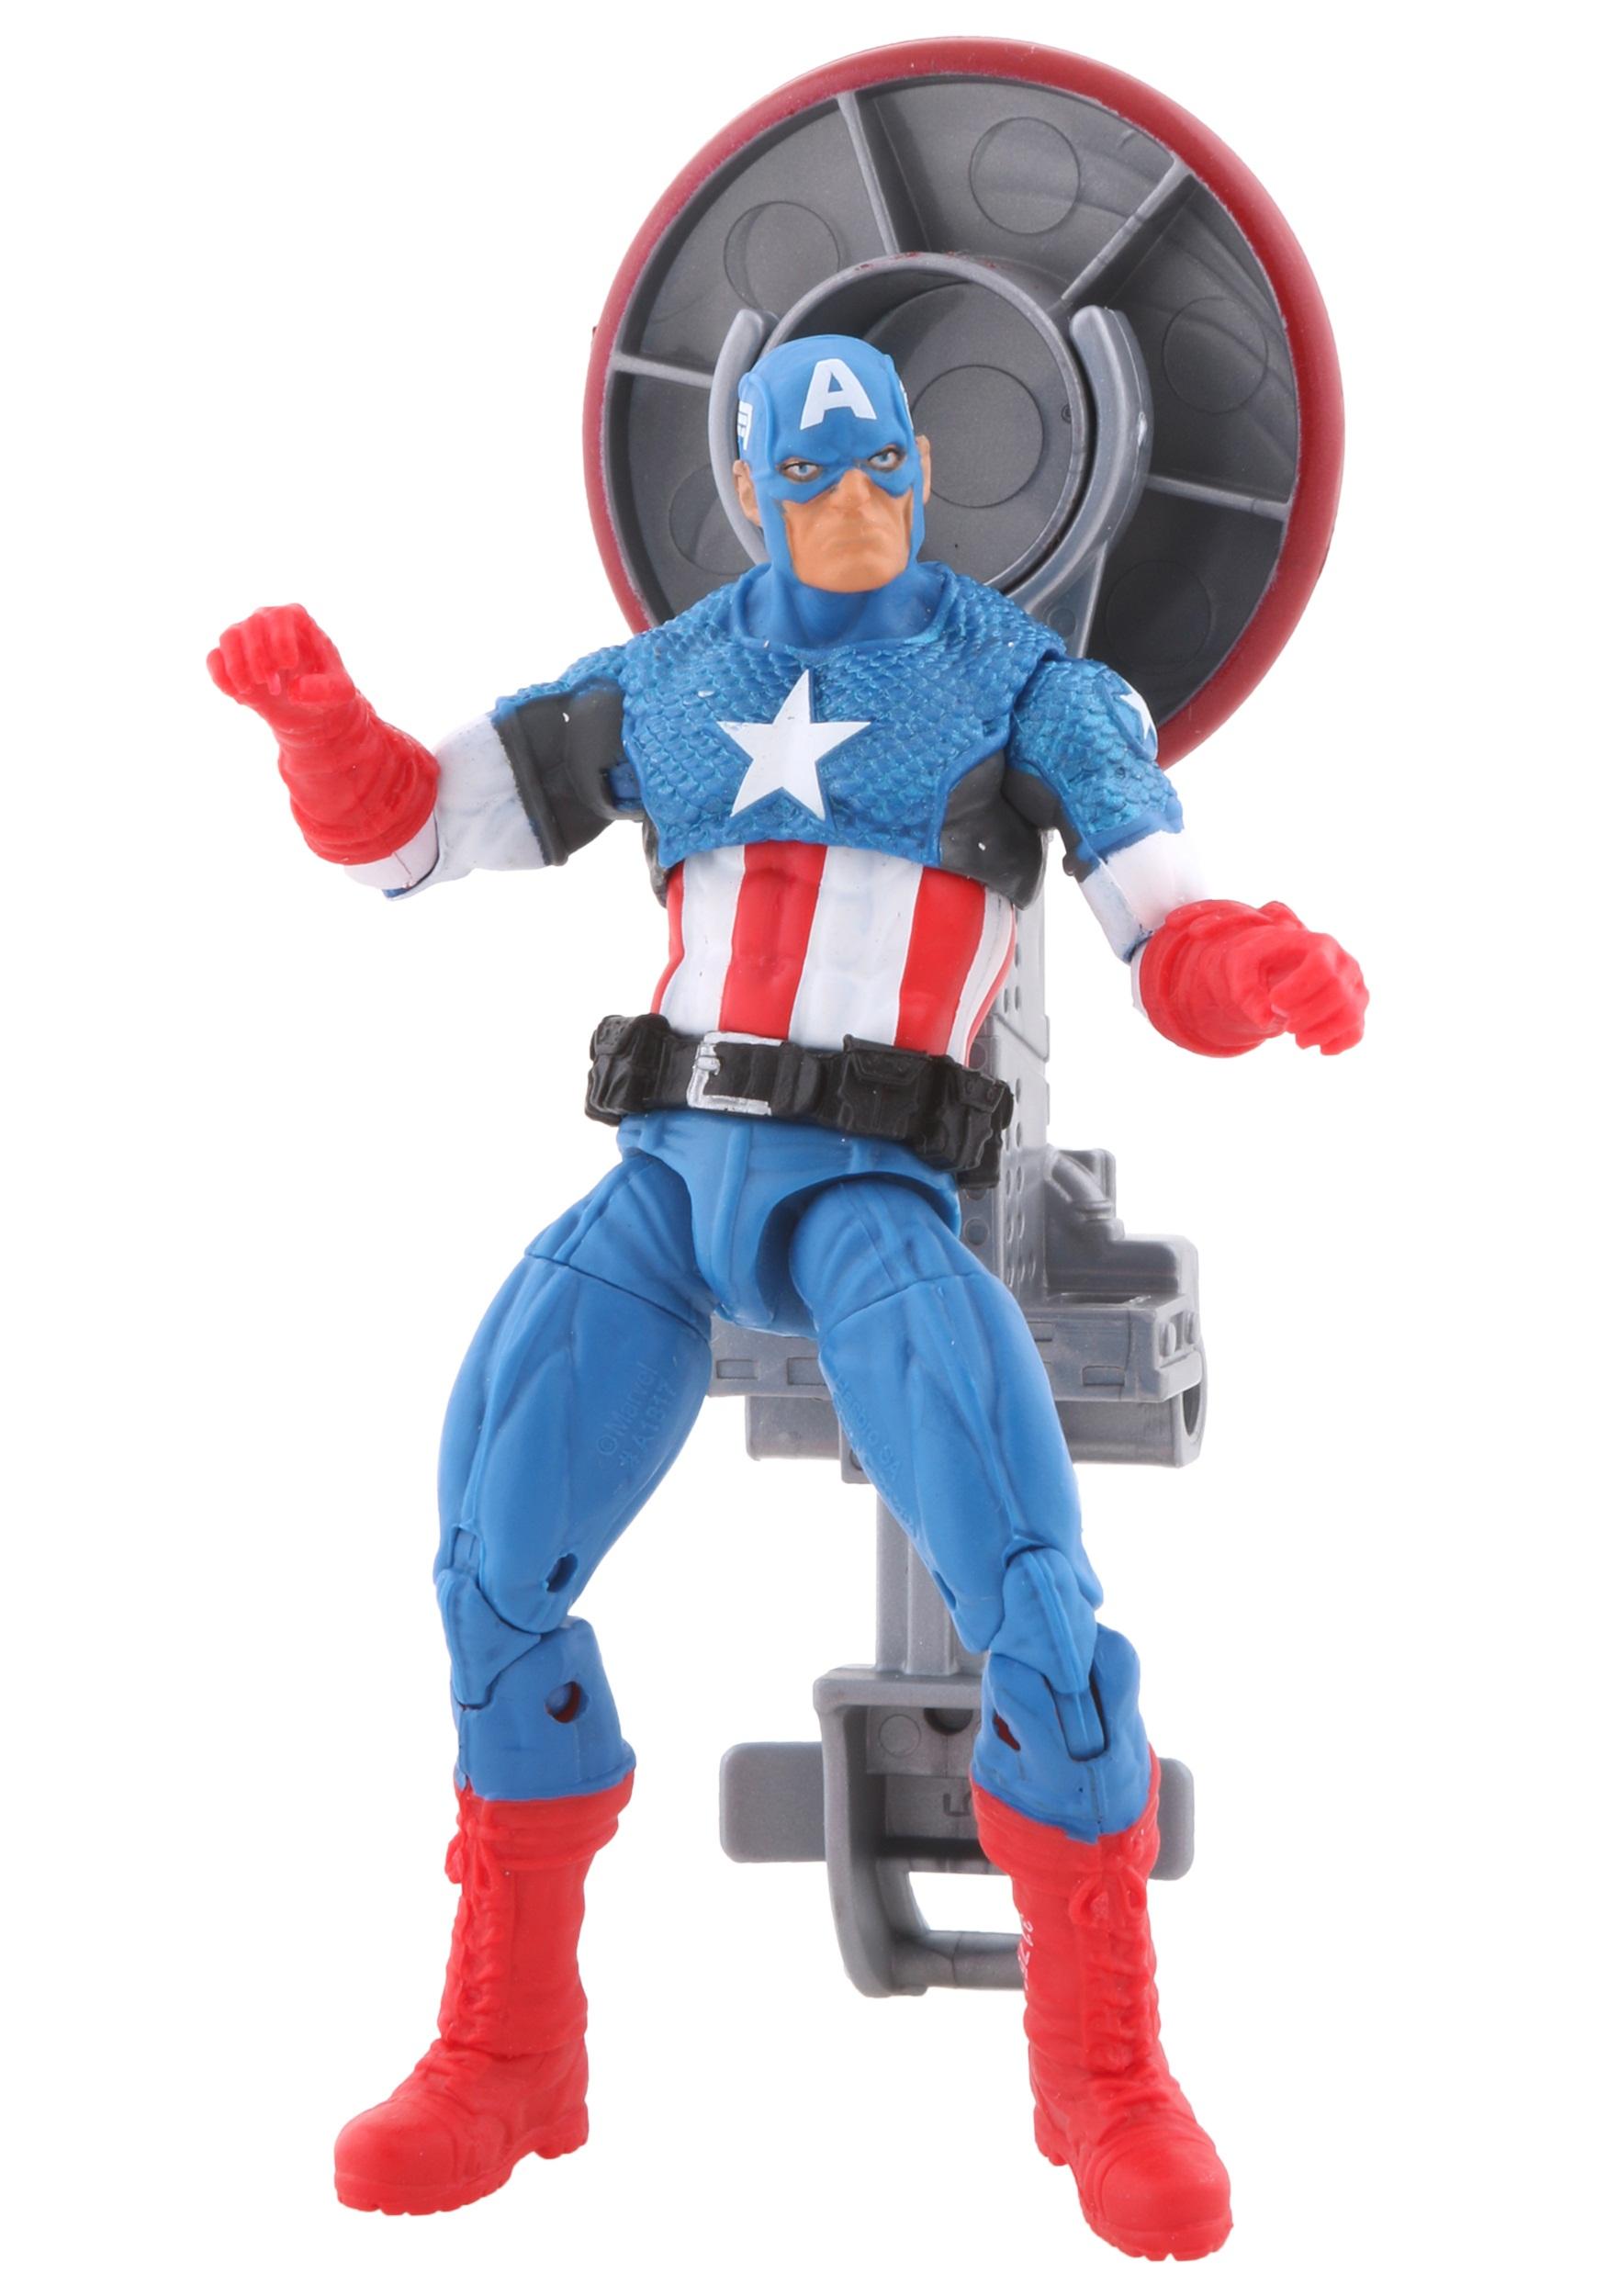 Pillow Ideas Avengers Assemble Shield Blast Captain America Action Figure